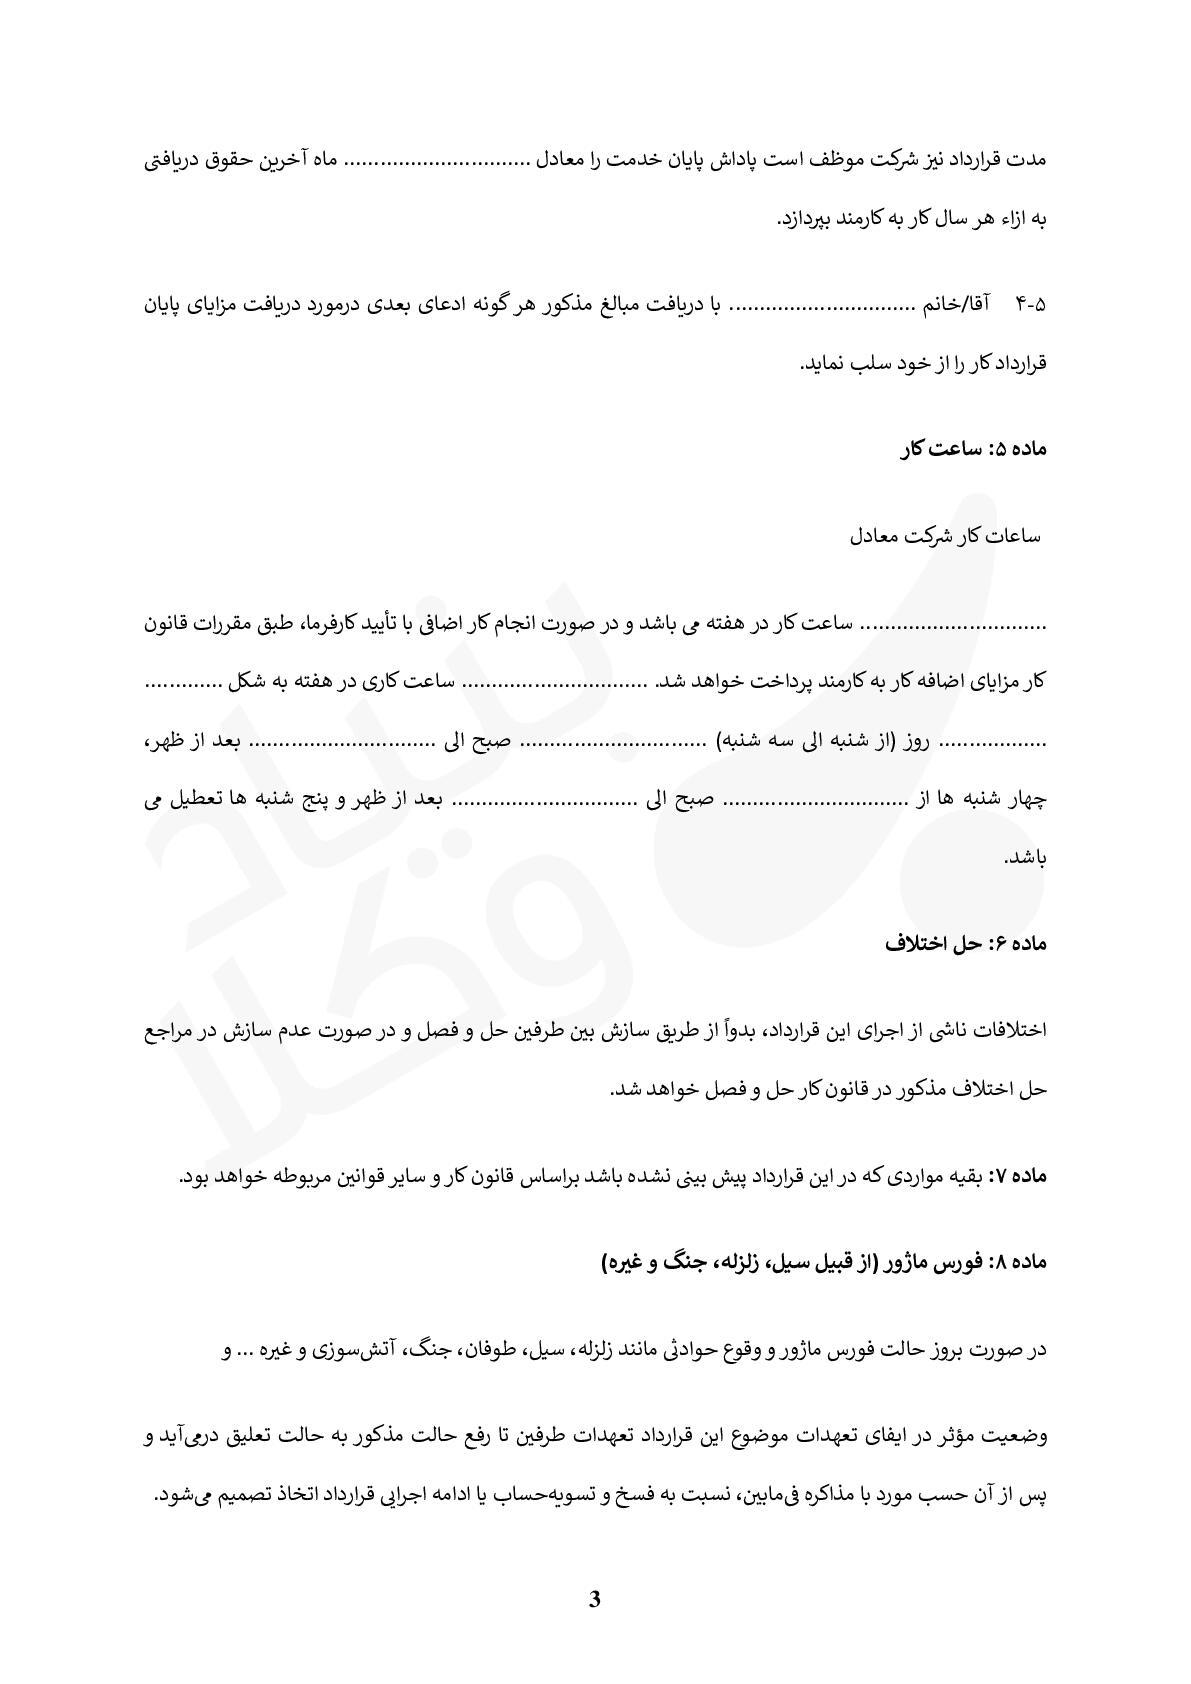 قرارداد کار بین کارفرما و کارمند